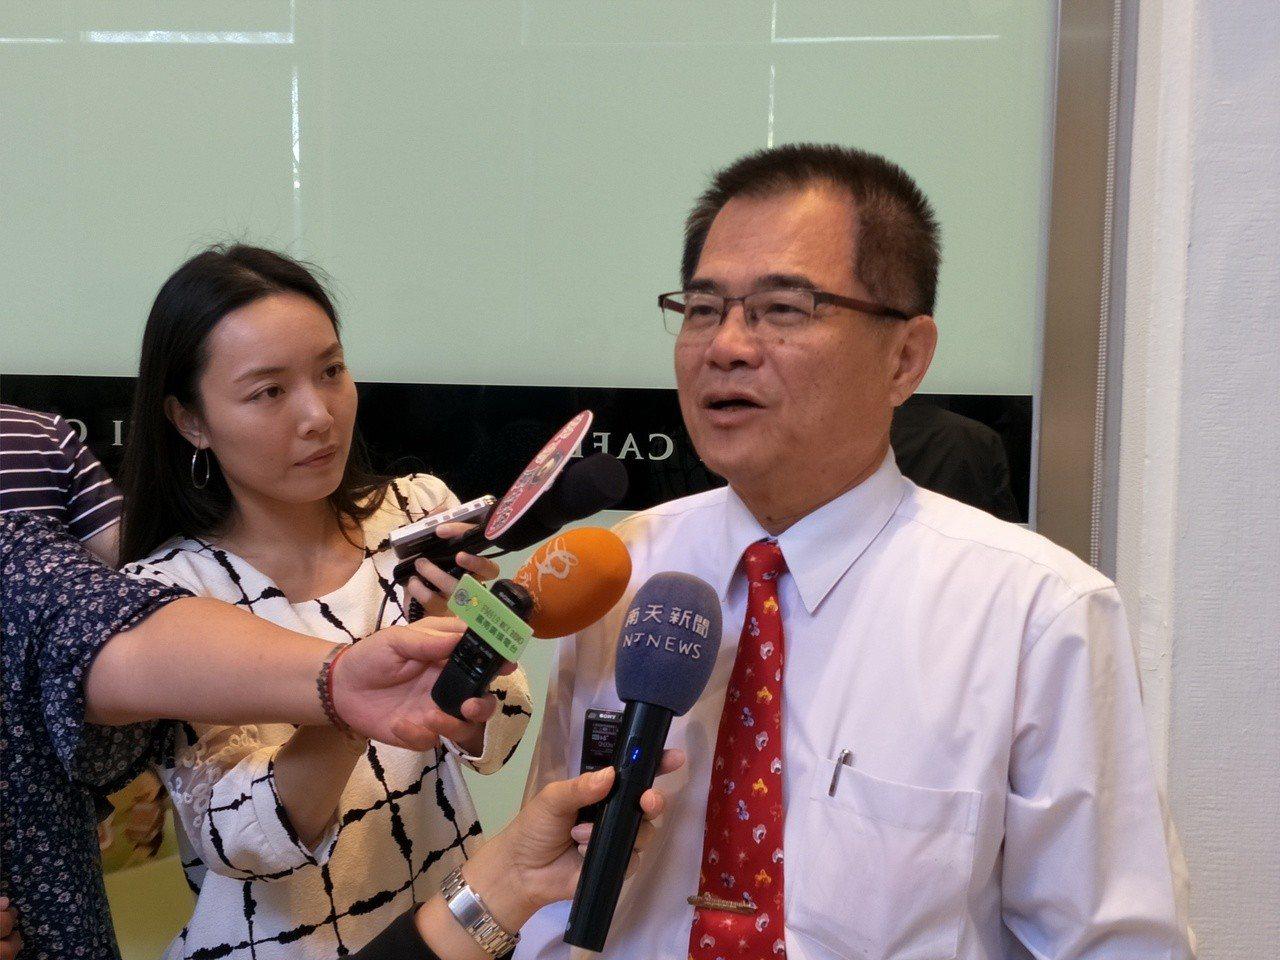 台南市勞工局長王鑫基說明外籍學生勞動權如何維護。記者謝進盛/攝影